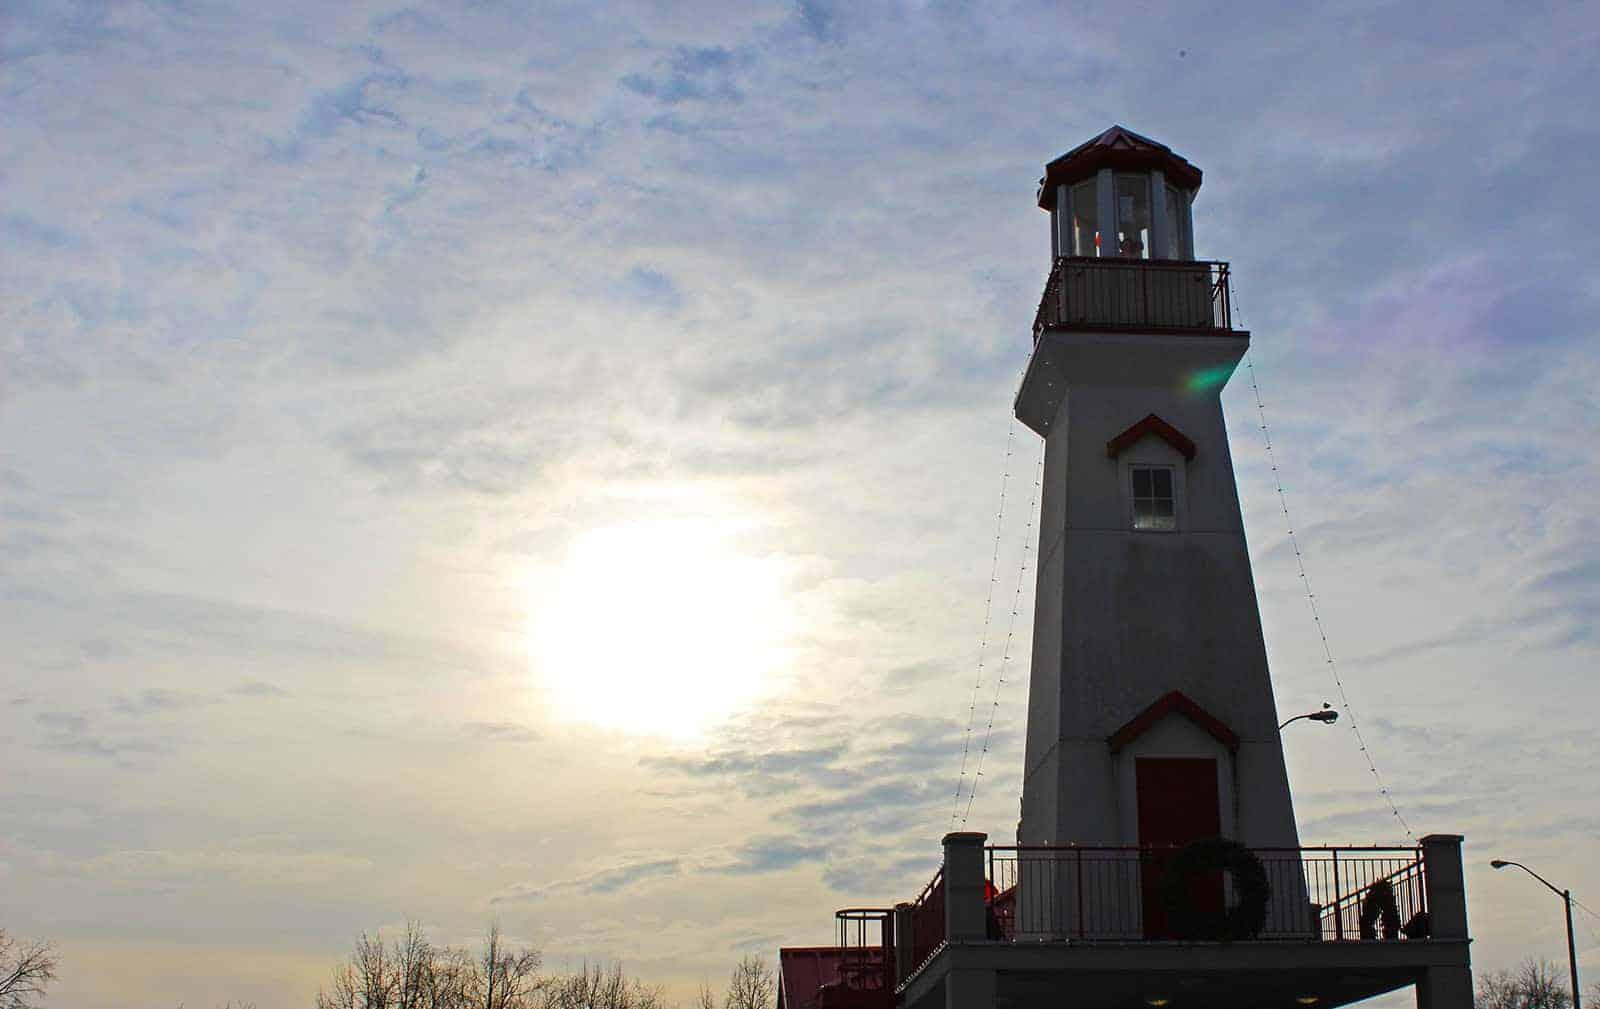 Port Credit, Mississauga, Ontario, Canada